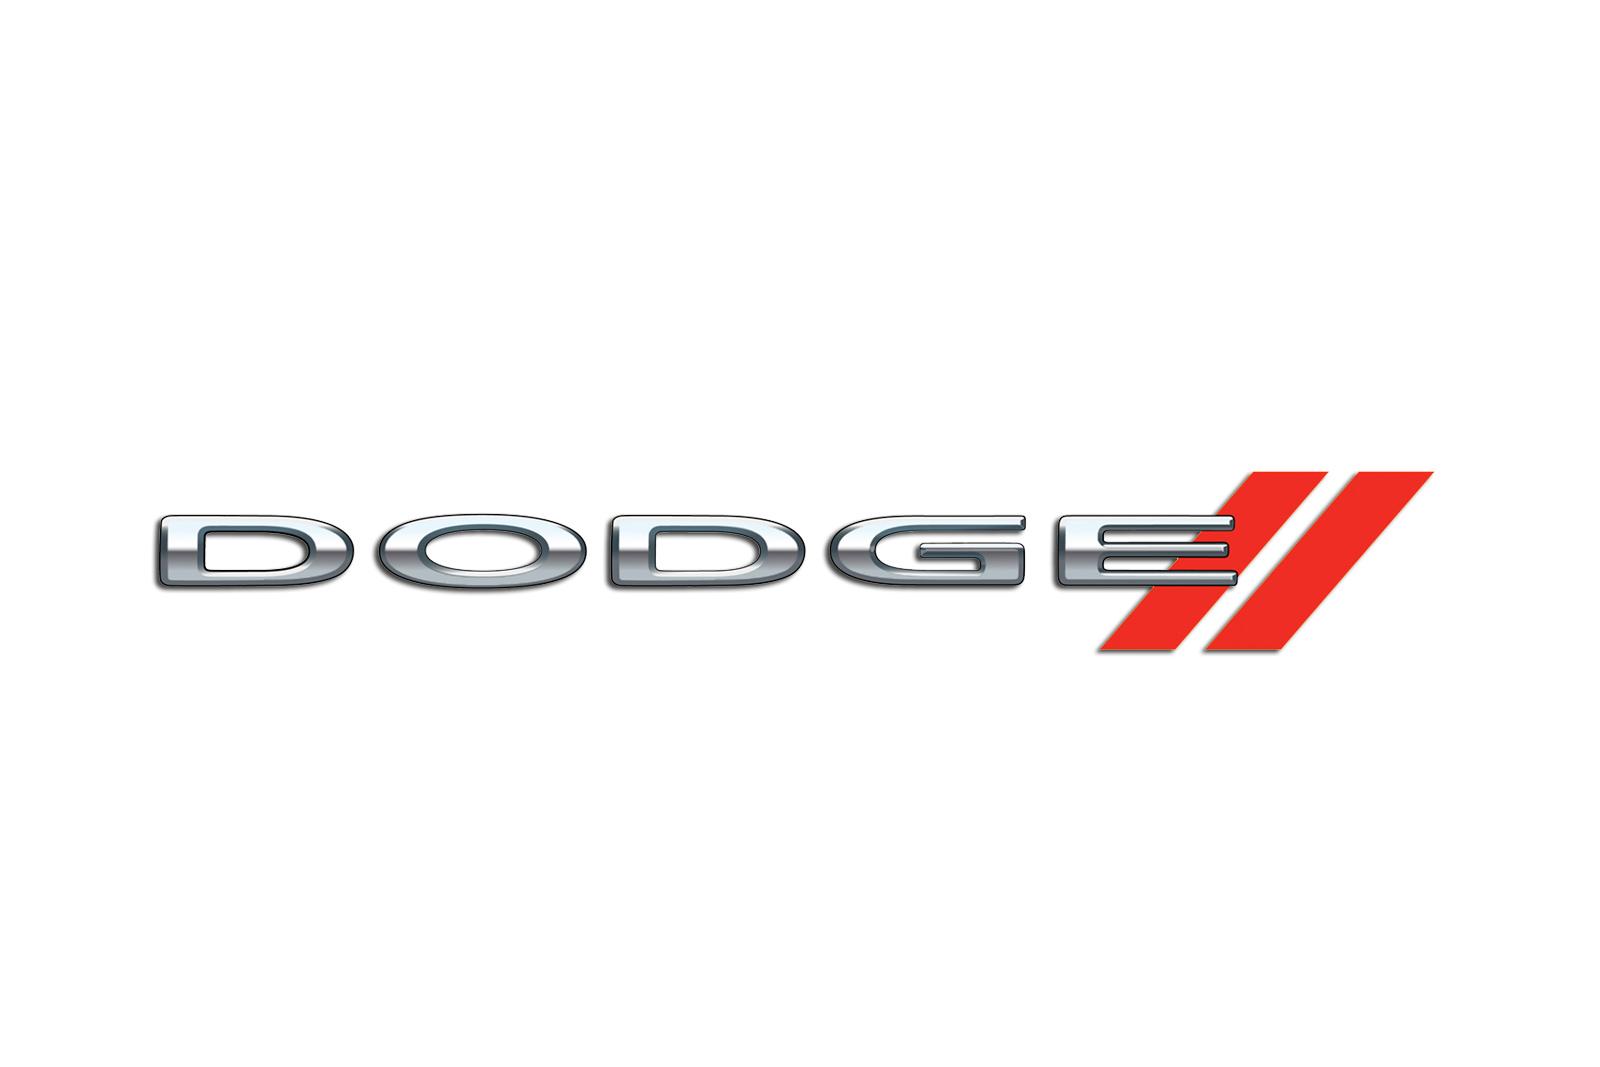 Dodge-emblem-2.jpg